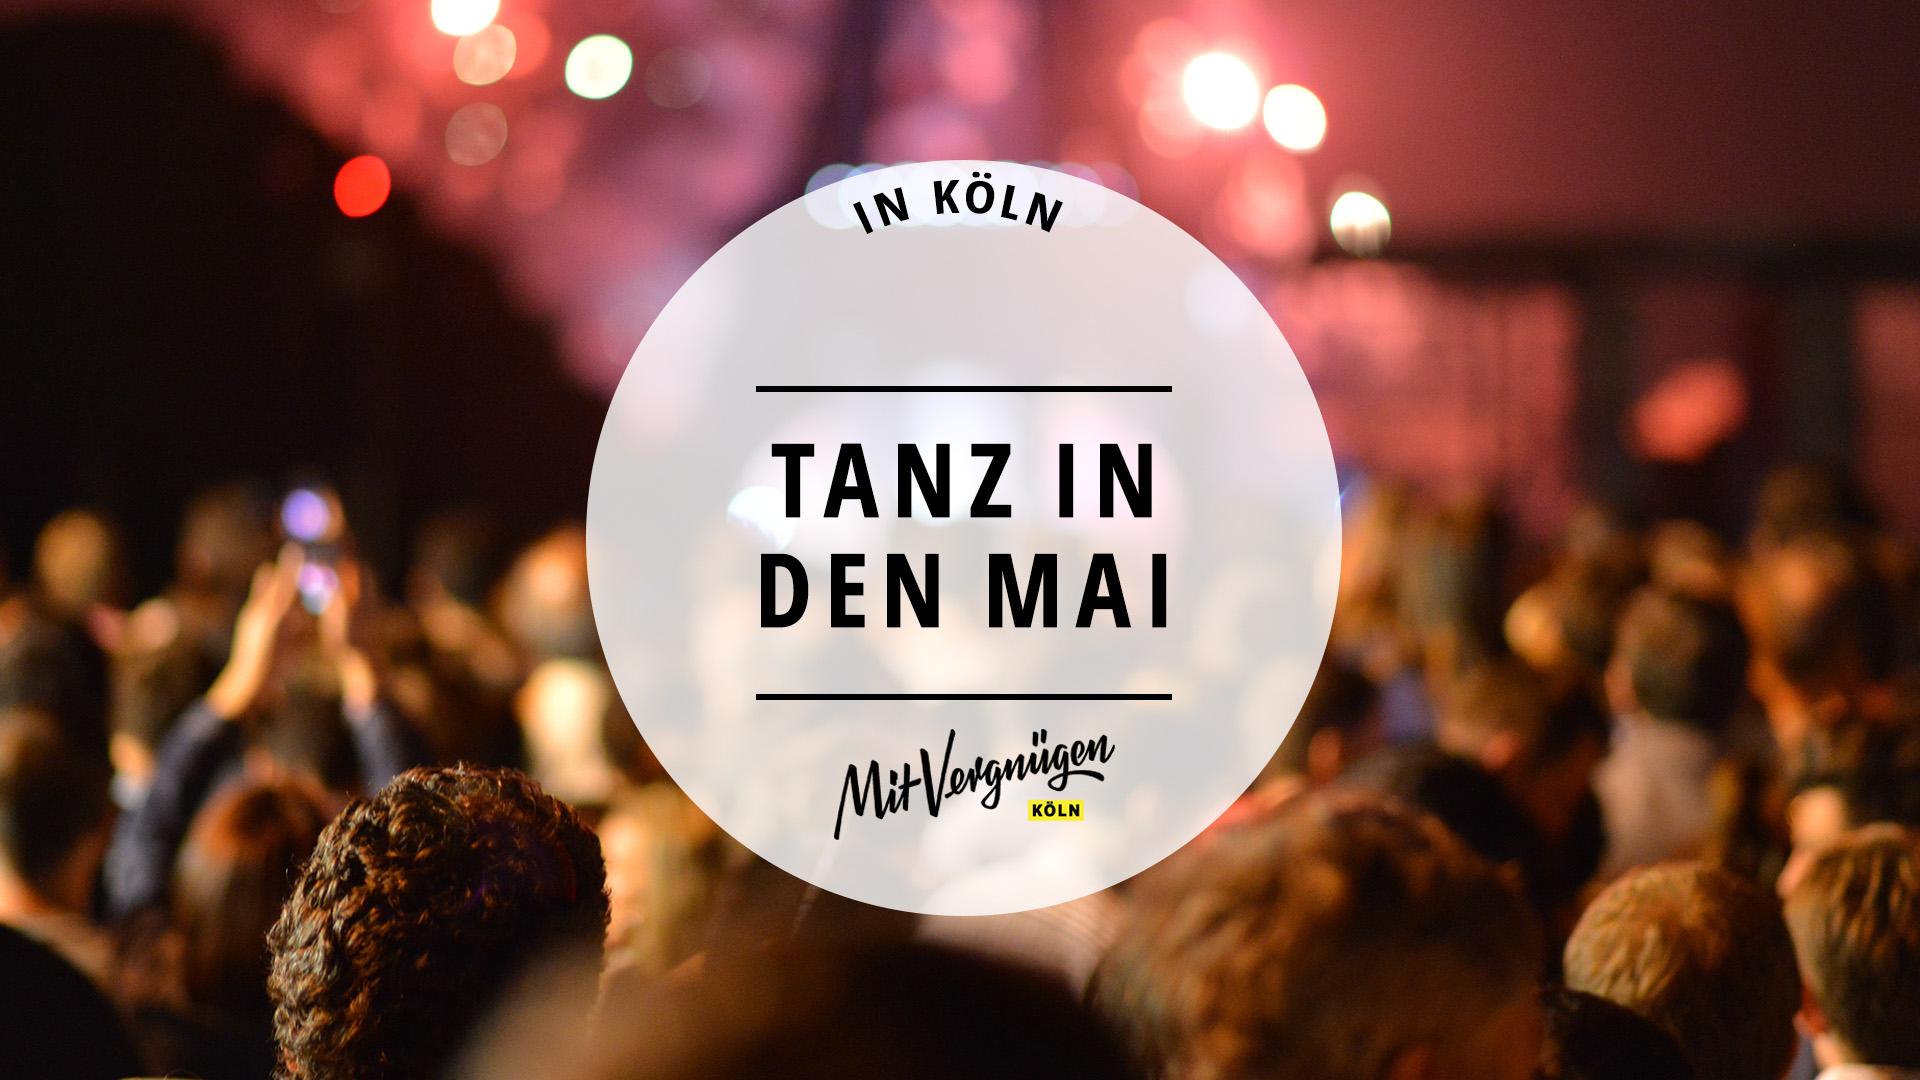 Mai essen steele den tanz in Stadtportal Essen